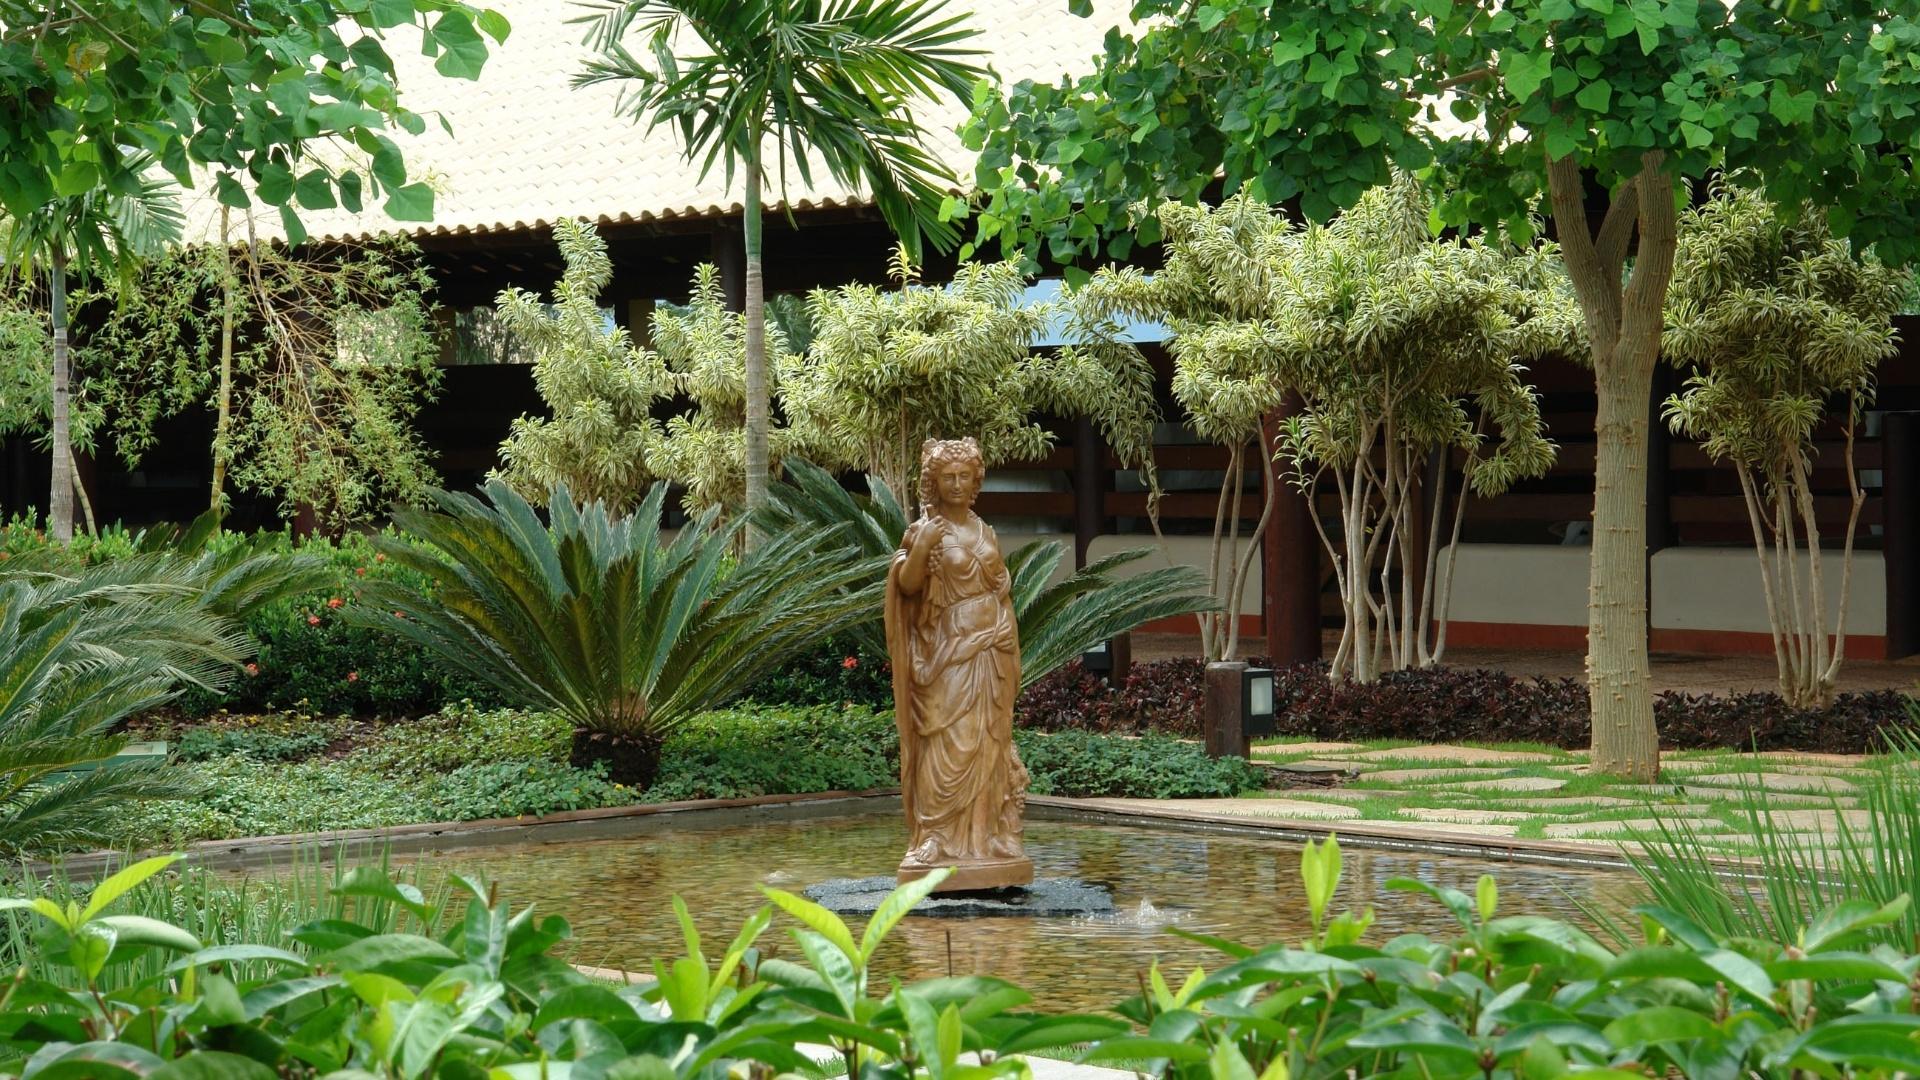 A diversidade da flora tropical - com suas formas, cores e texturas - associada às fontes, espelhos d' água e esculturas traz identidade ao jardim da Chácara Cedro, em Uberaba, com paisagismo de Marcelo Novaes